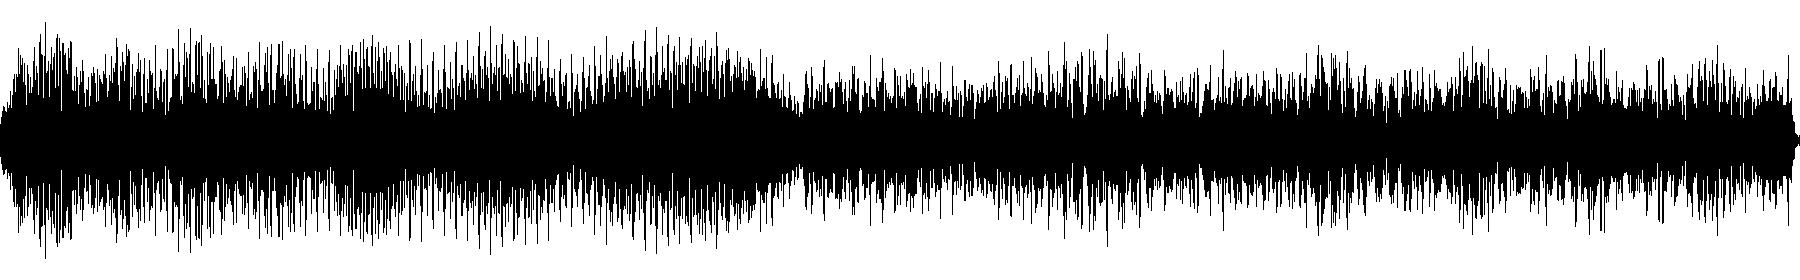 80 cm organ vkeys 02 2